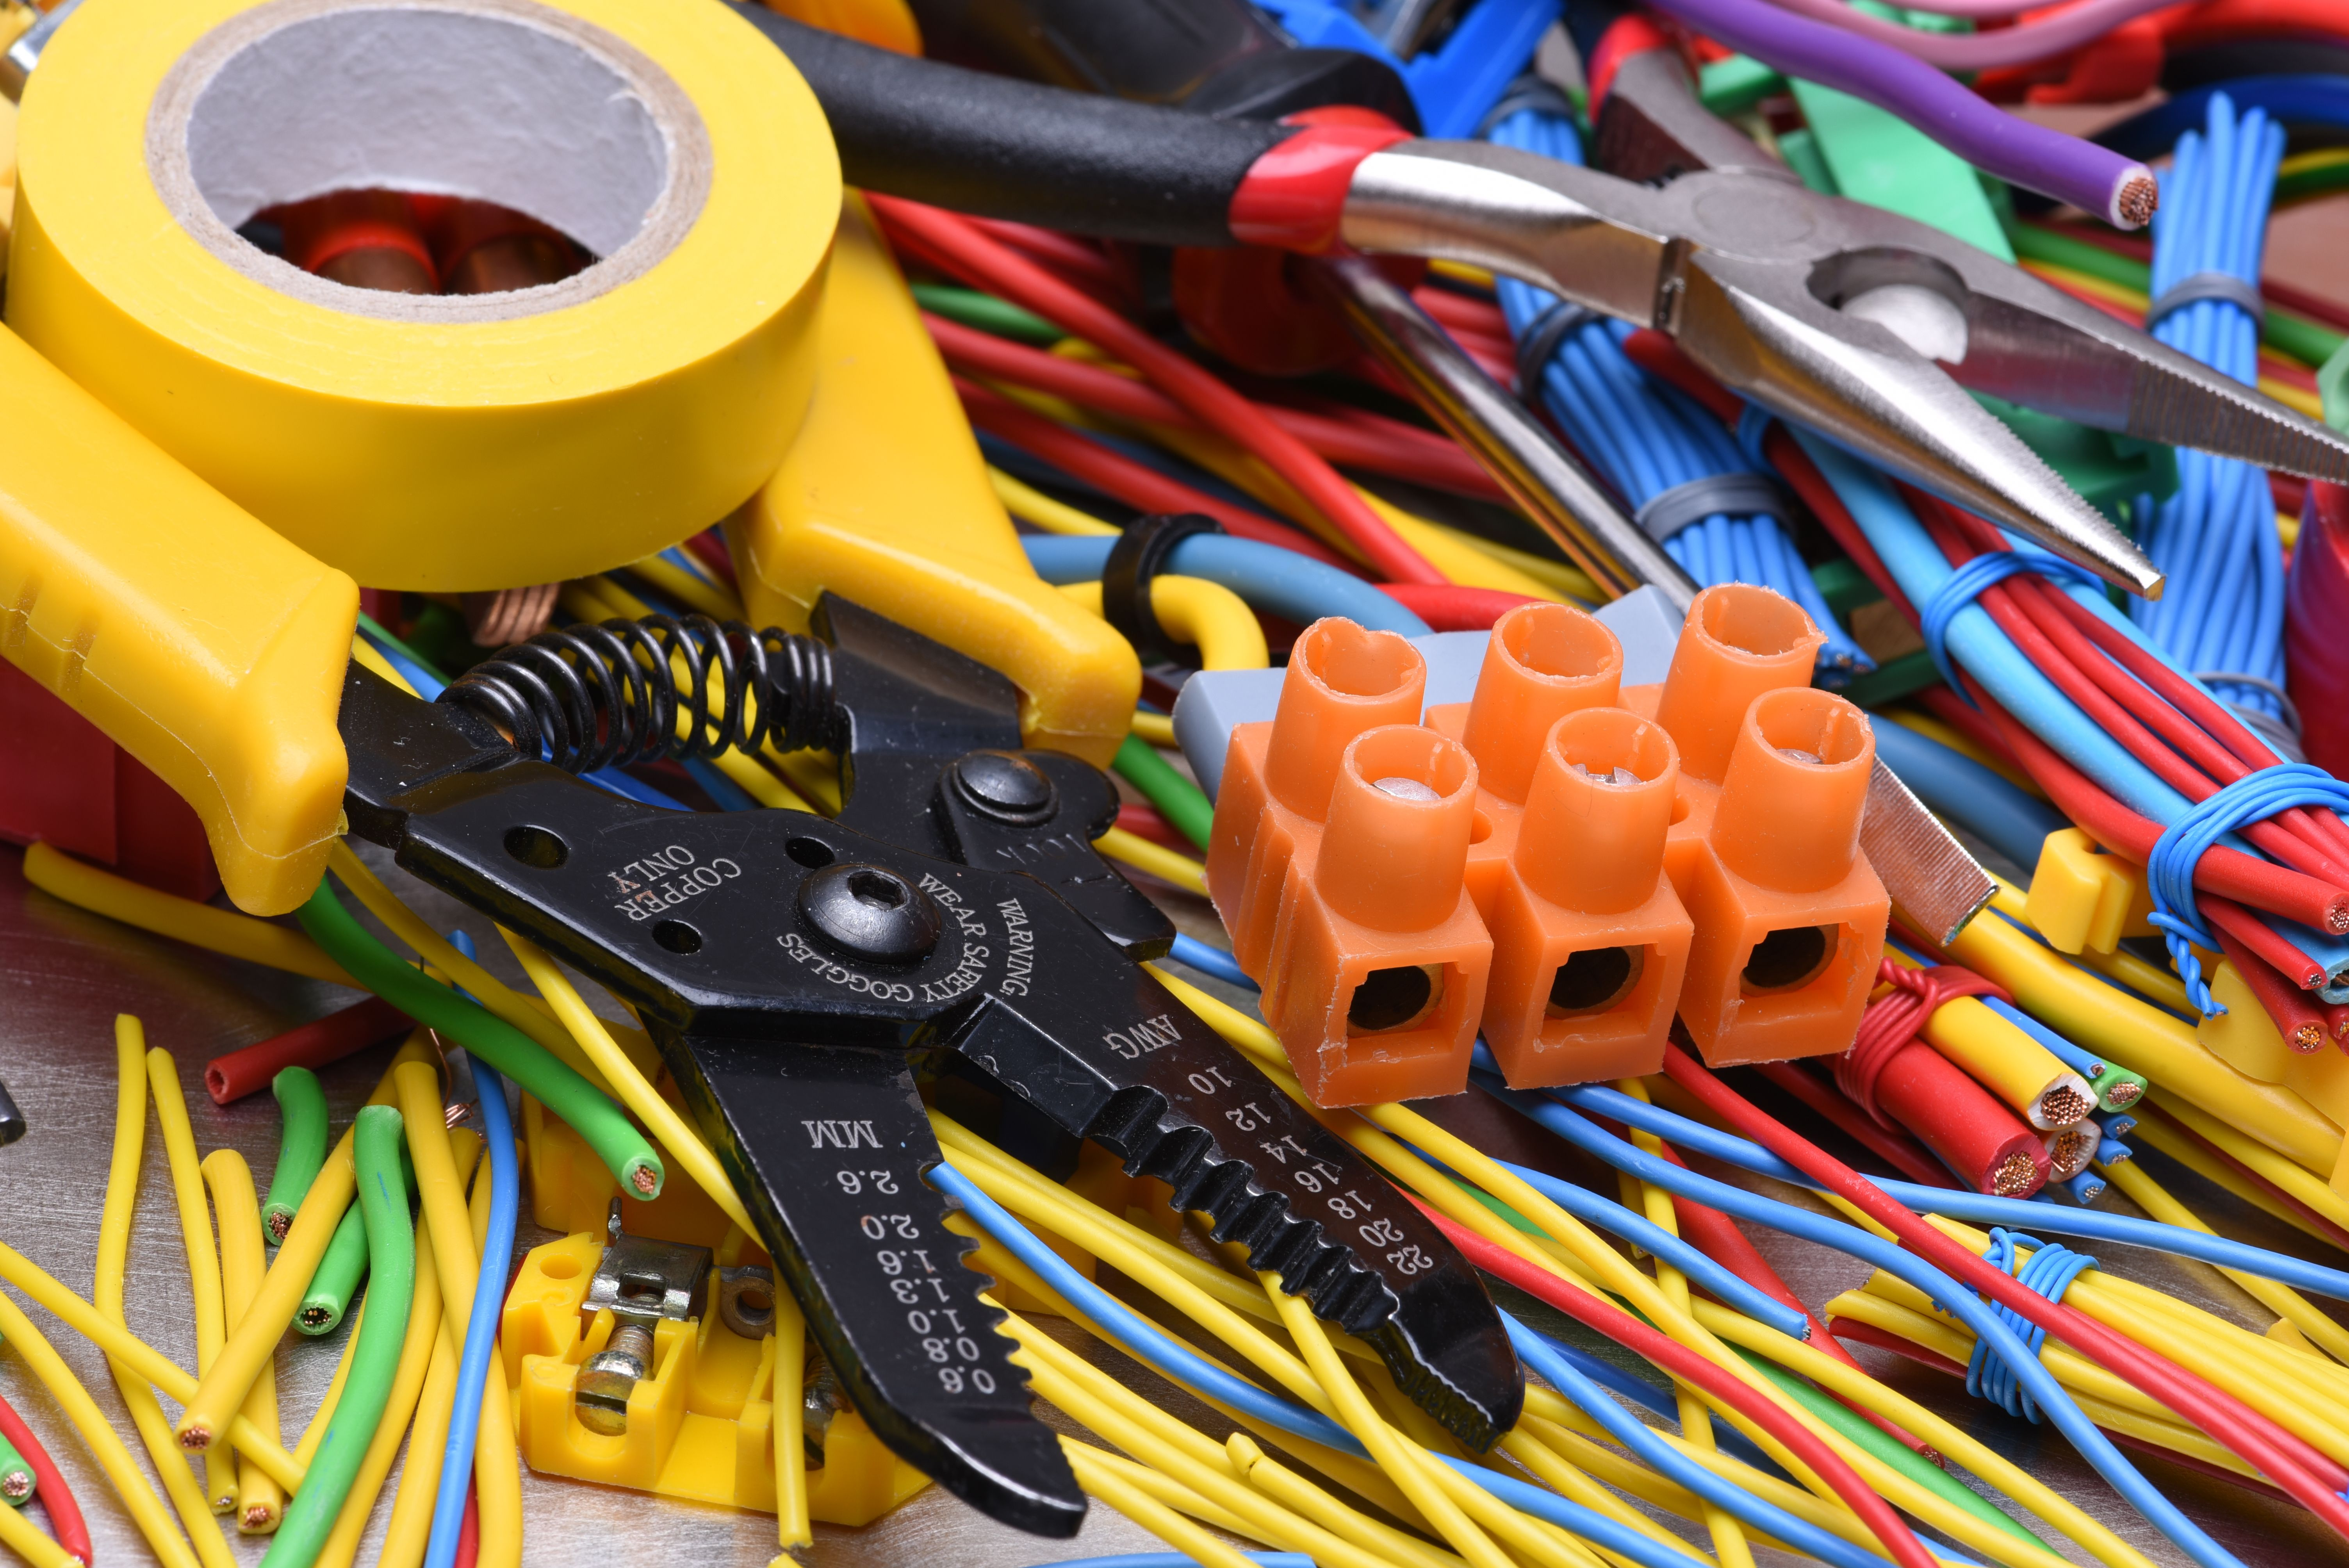 Instalación y mantenimiento de sistemas eléctricos en Sant Pere de Ribes